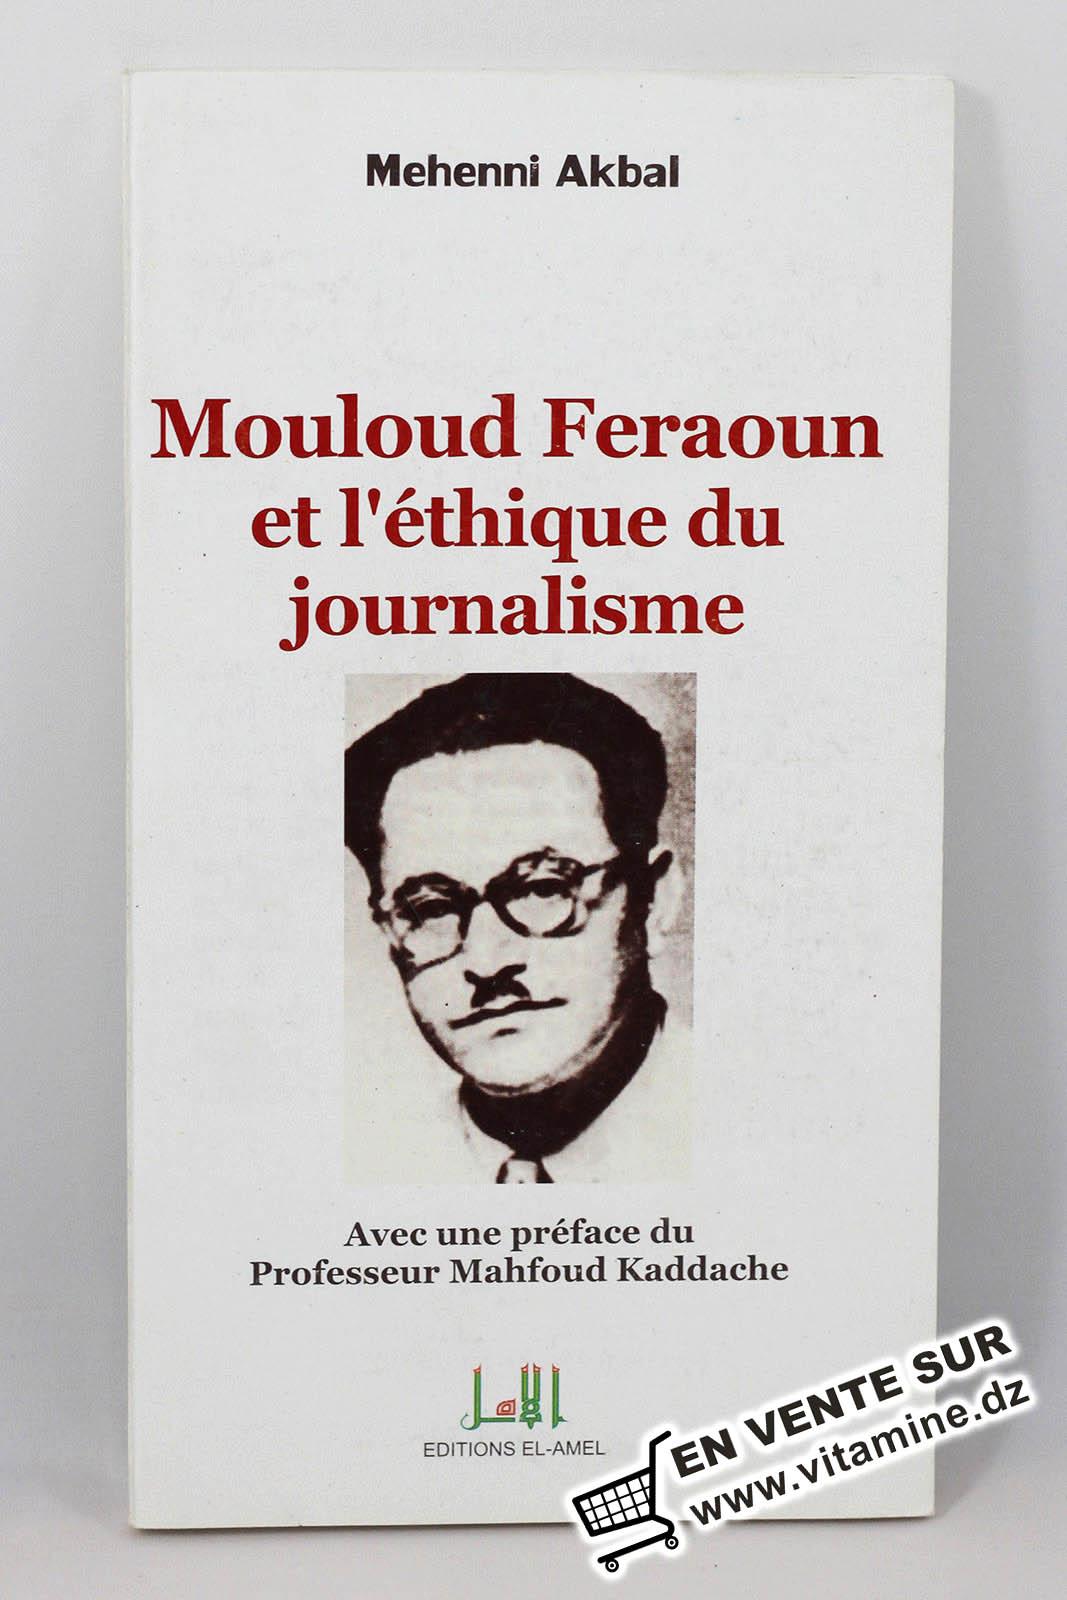 Mehenni Akbal - Mouloud Feraoun et l'éthique du journalisme